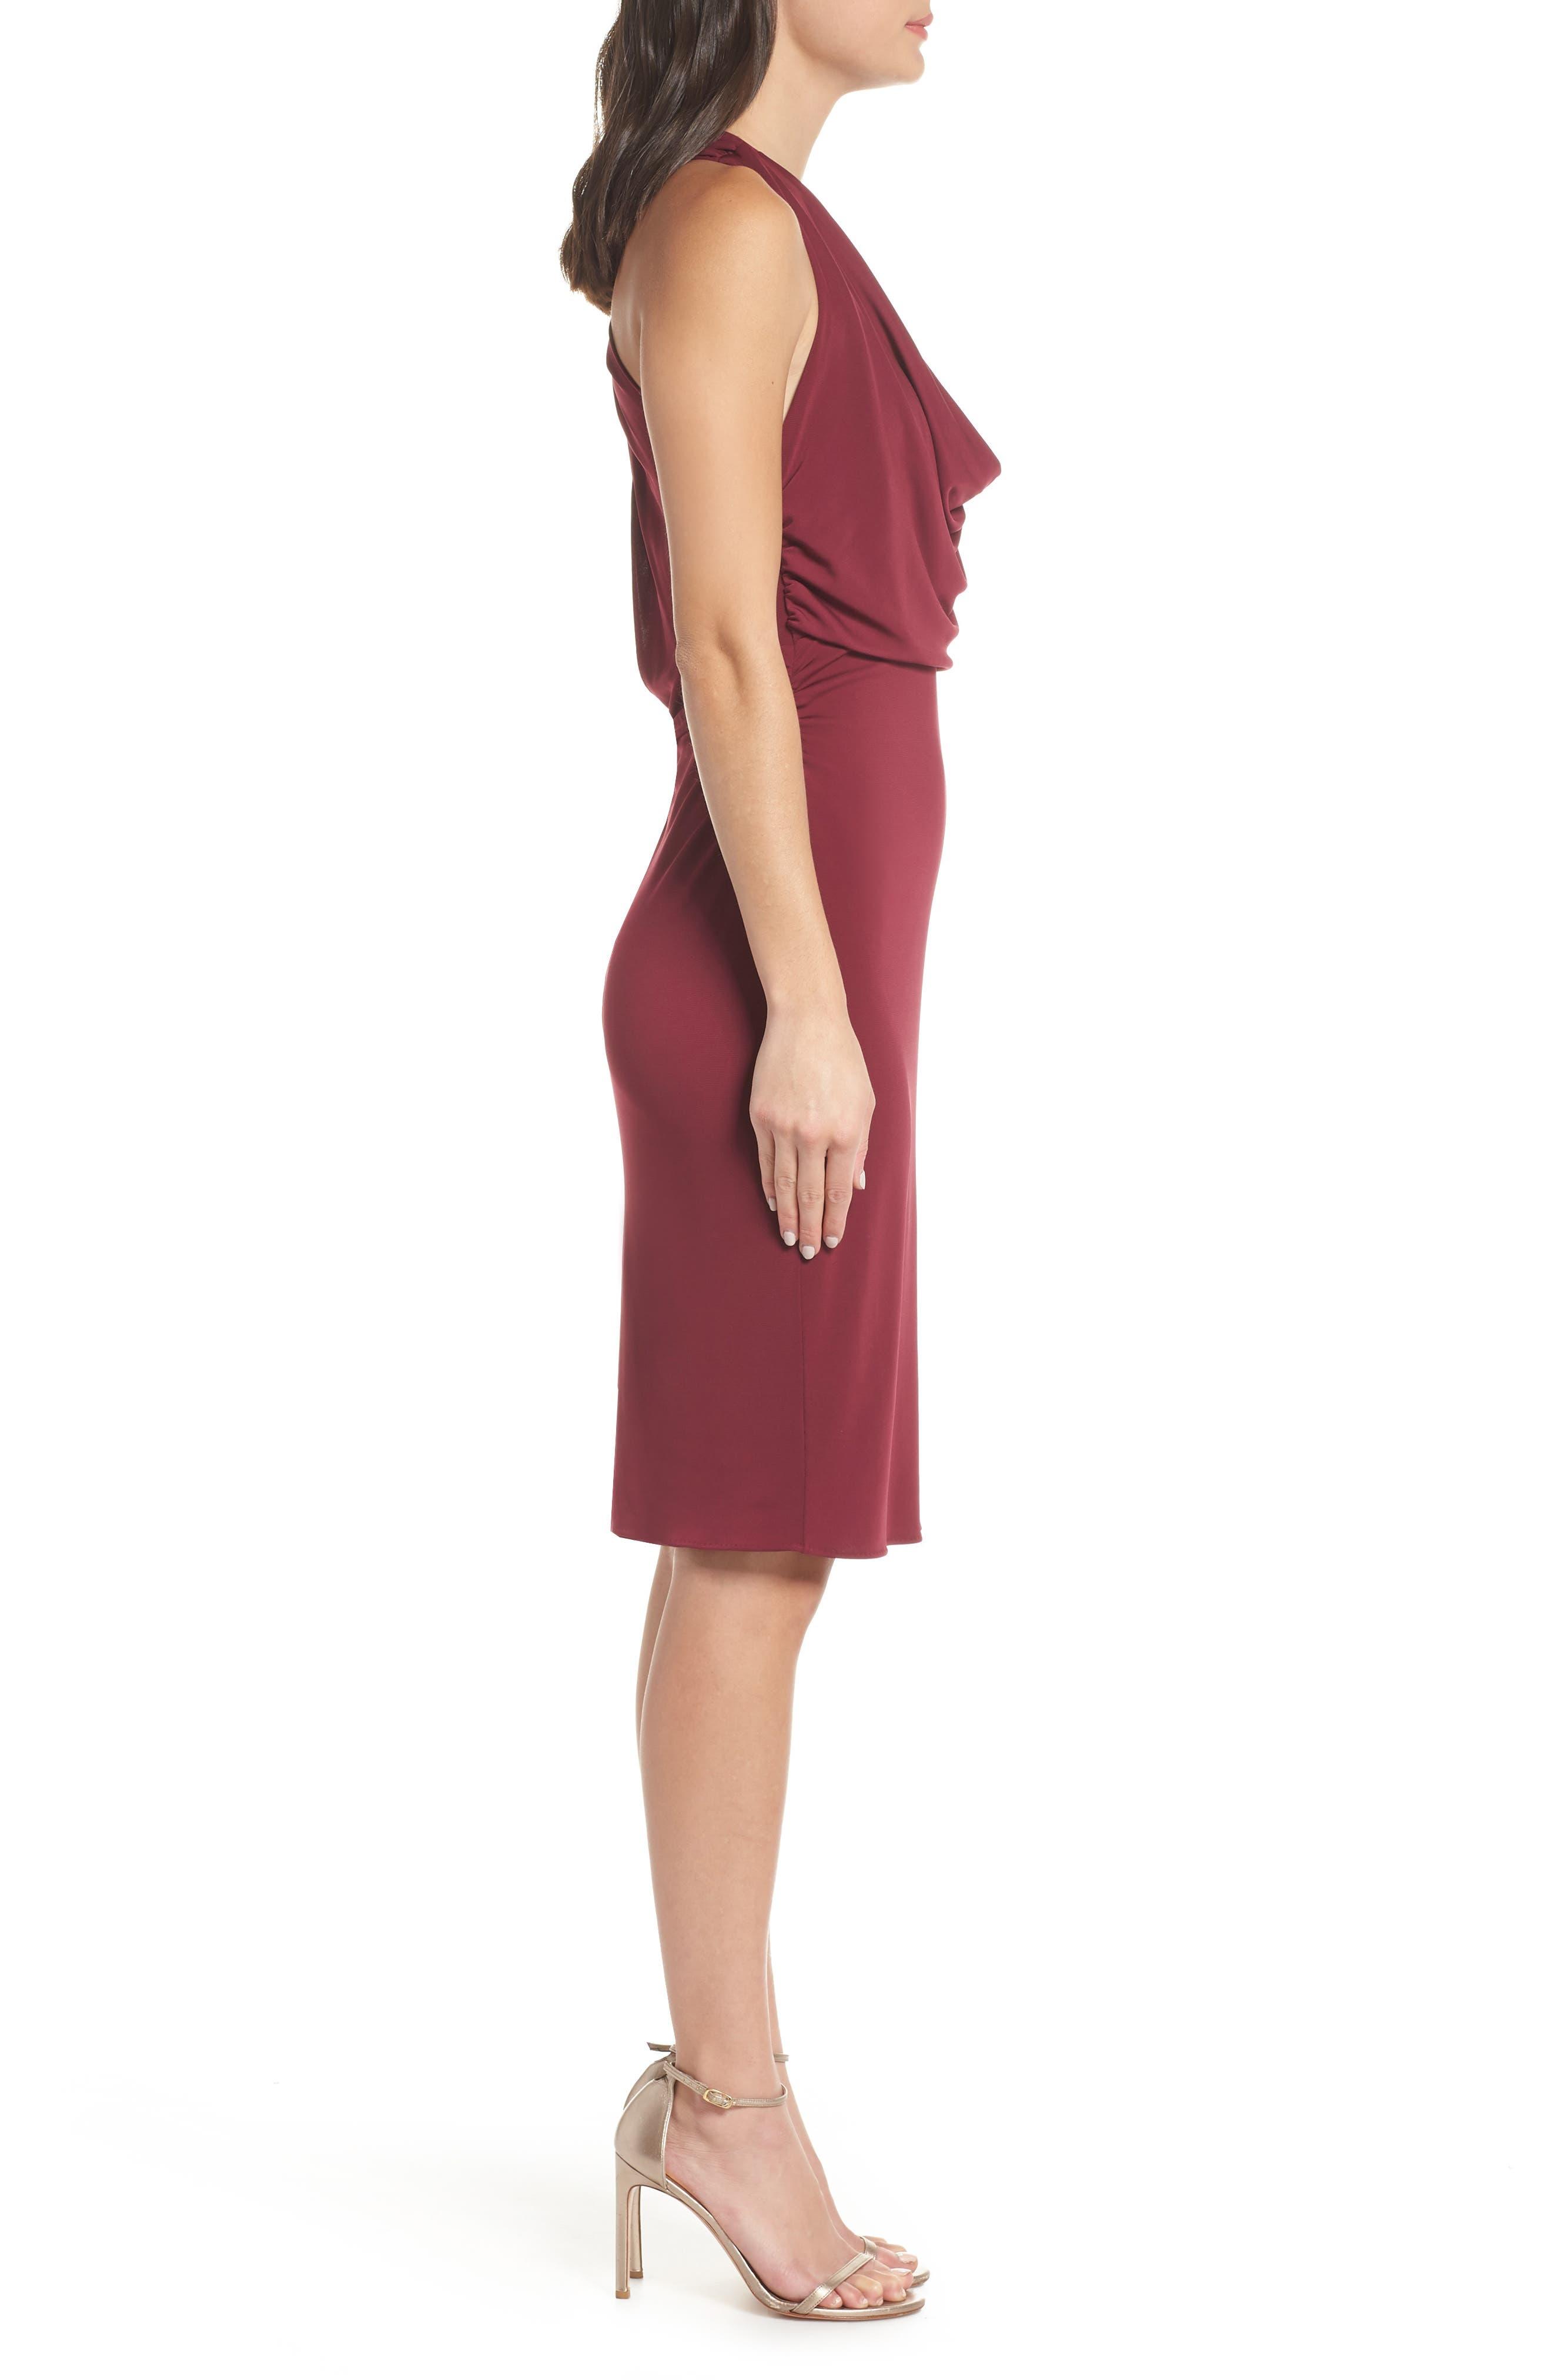 Elise Cowl Neck Sleeveless Dress,                             Alternate thumbnail 3, color,                             BURGUNDY